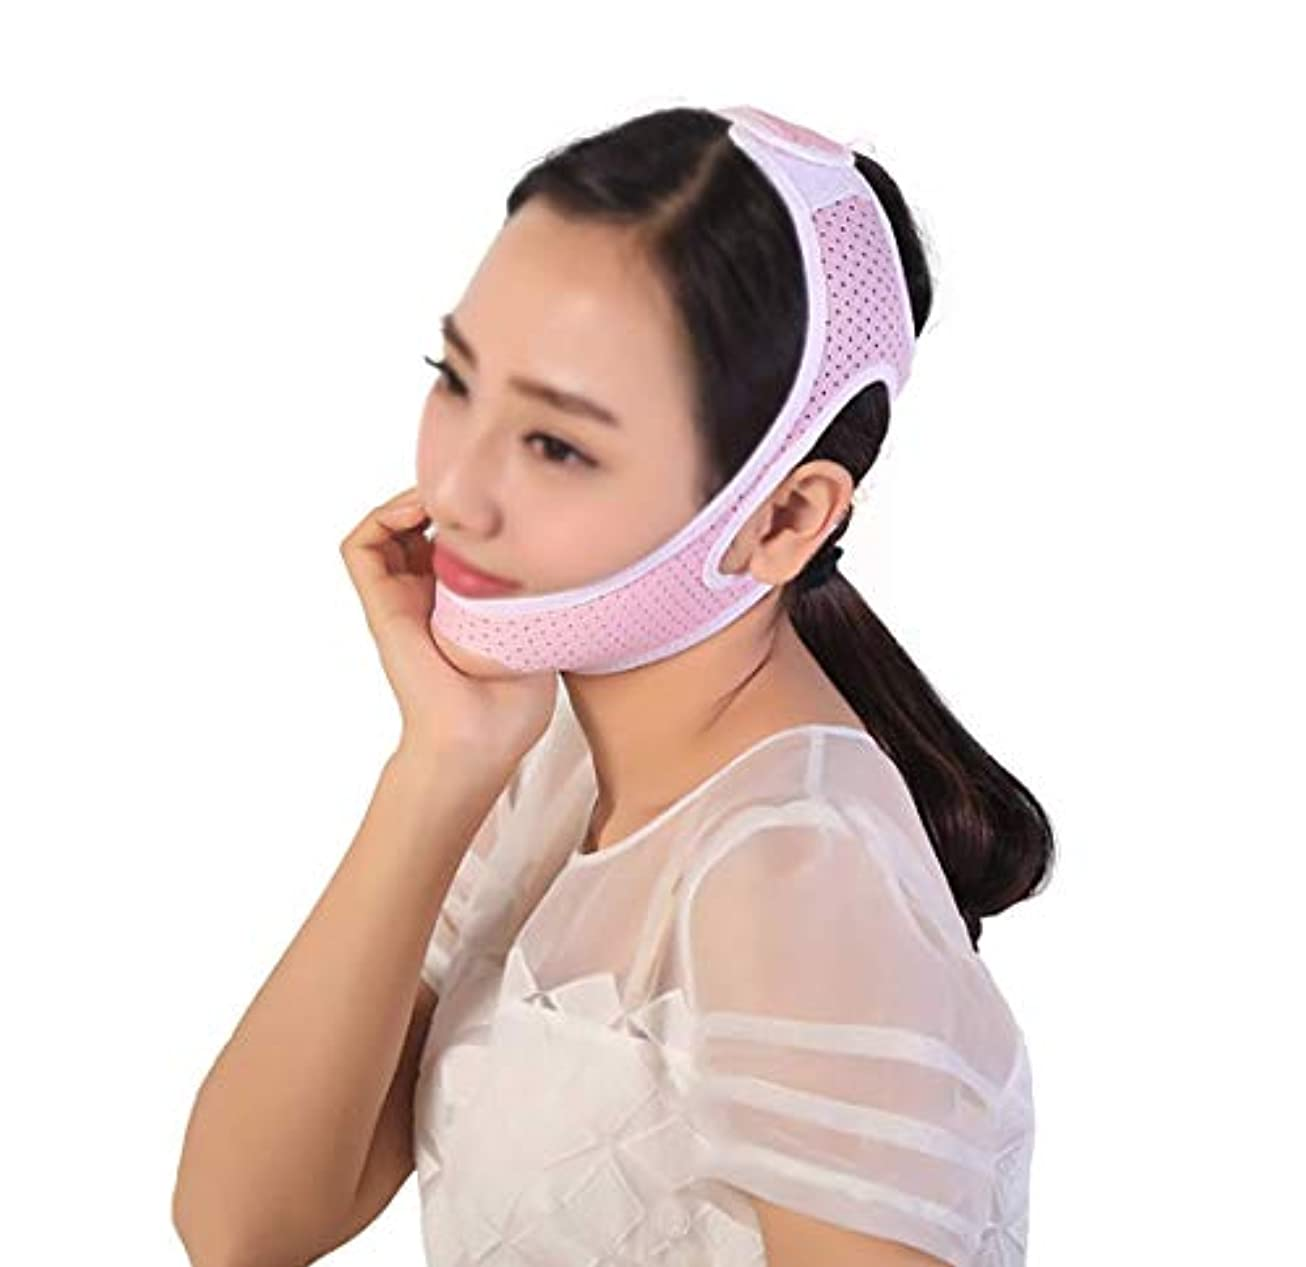 最大化する小さな精度顔用痩身マスク痩身包帯通気性フェイシャルダブルチンケア減量フェイスベルト(サイズ:M)